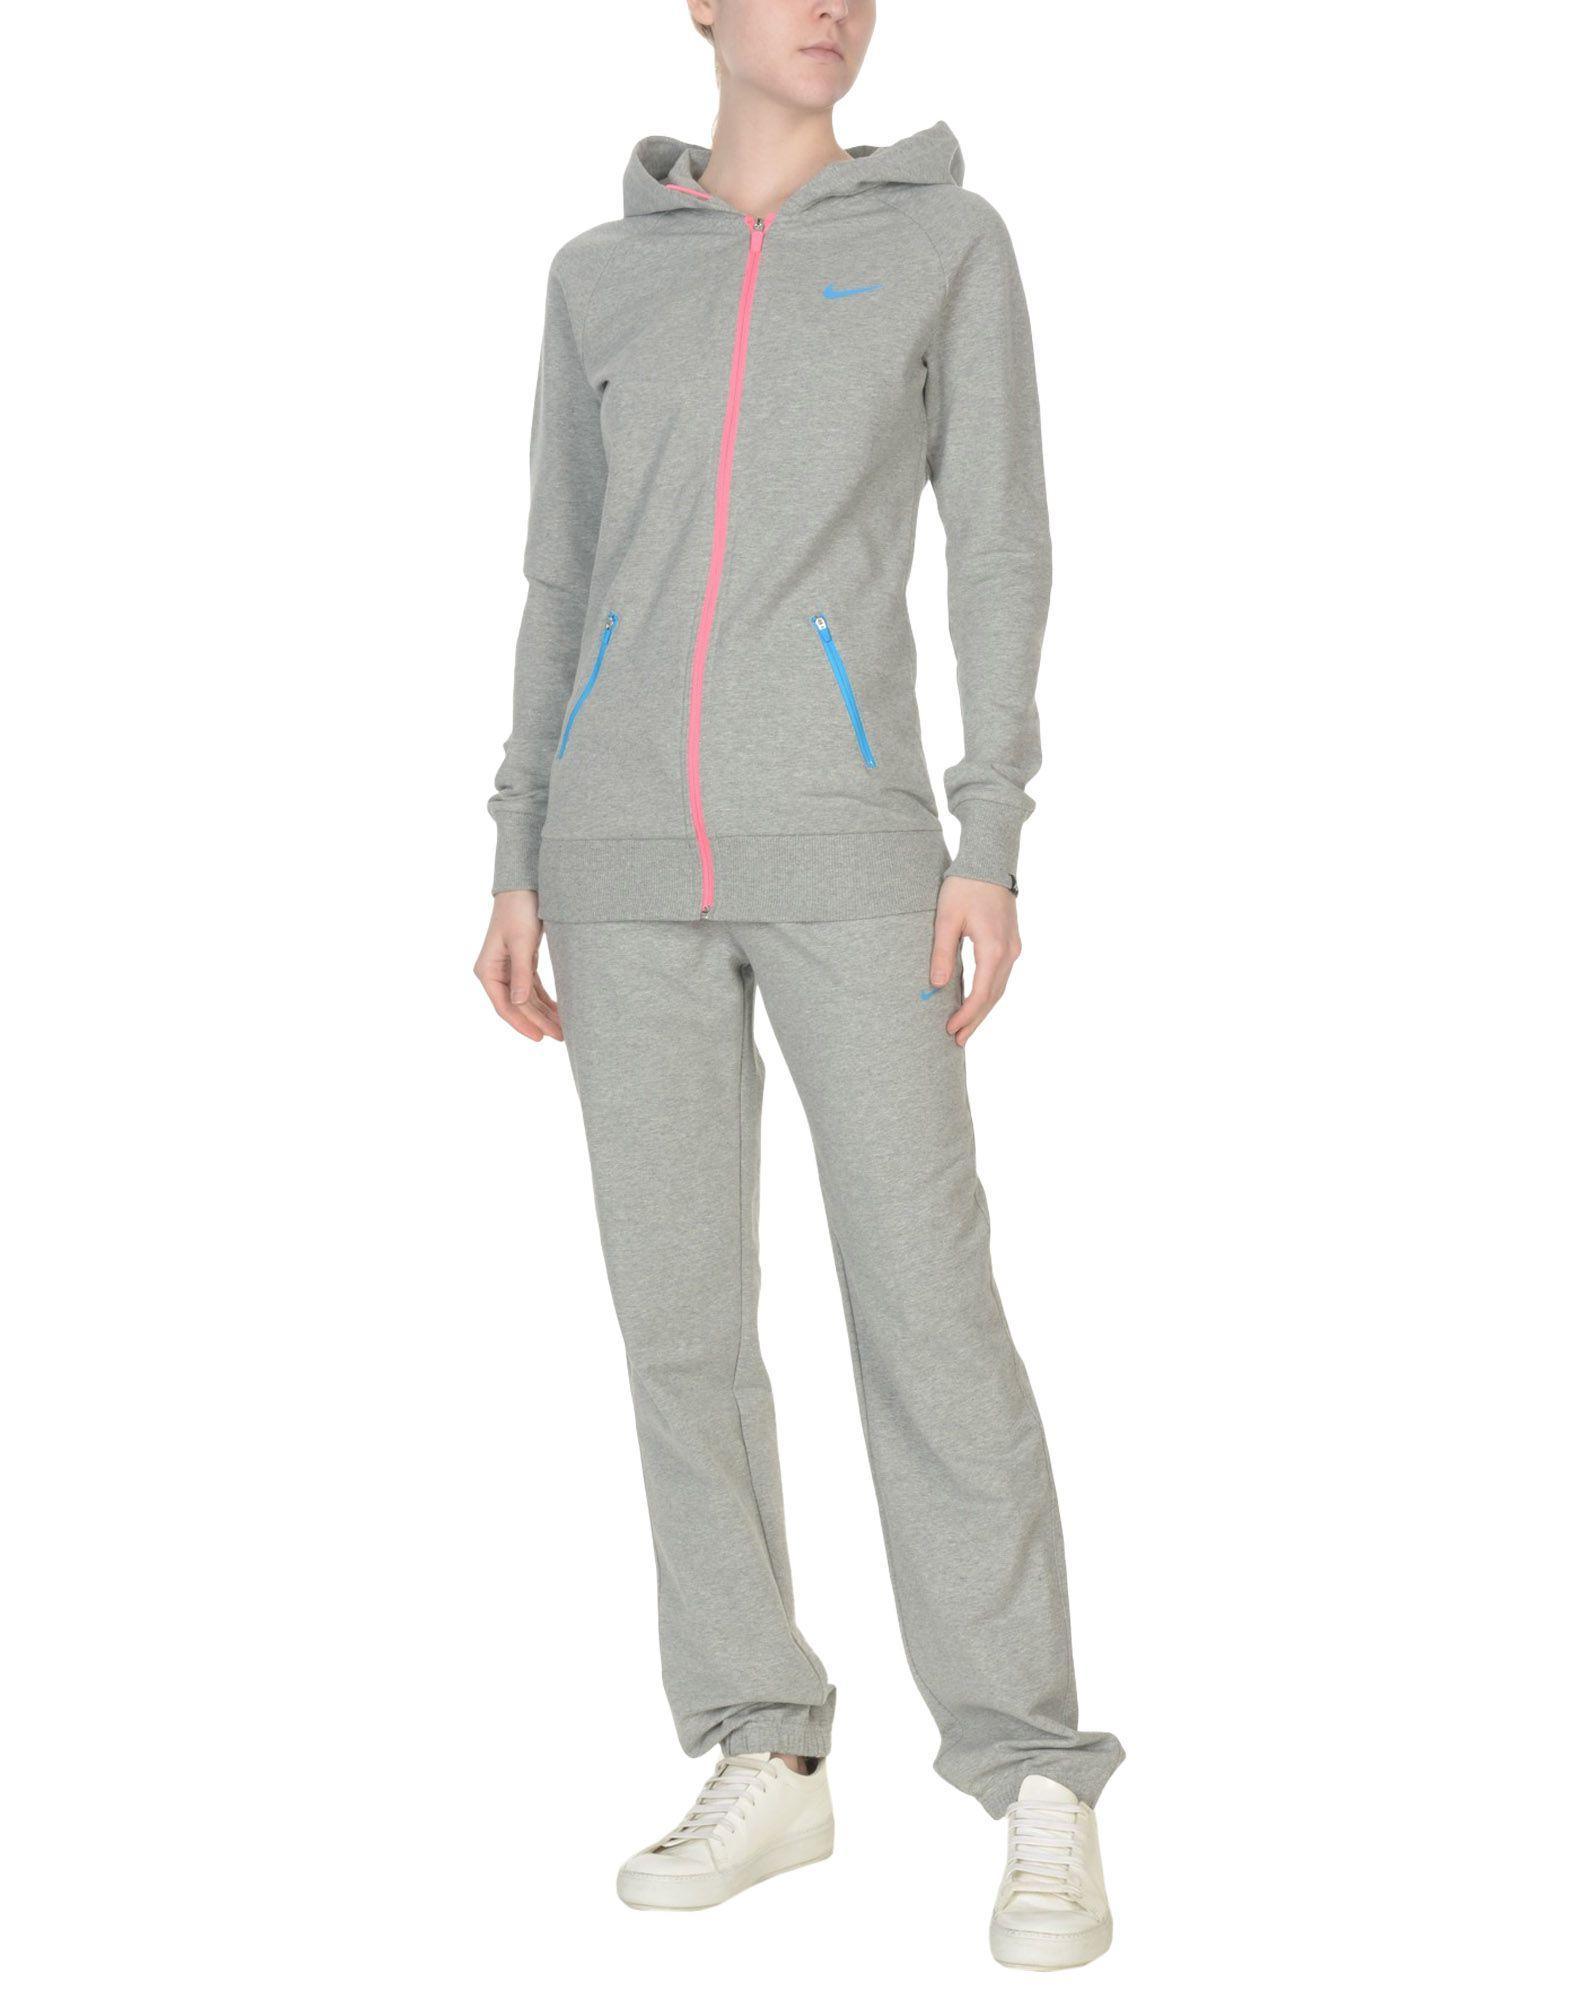 7924c13cbb56 Nike Sweatsuits In Grey